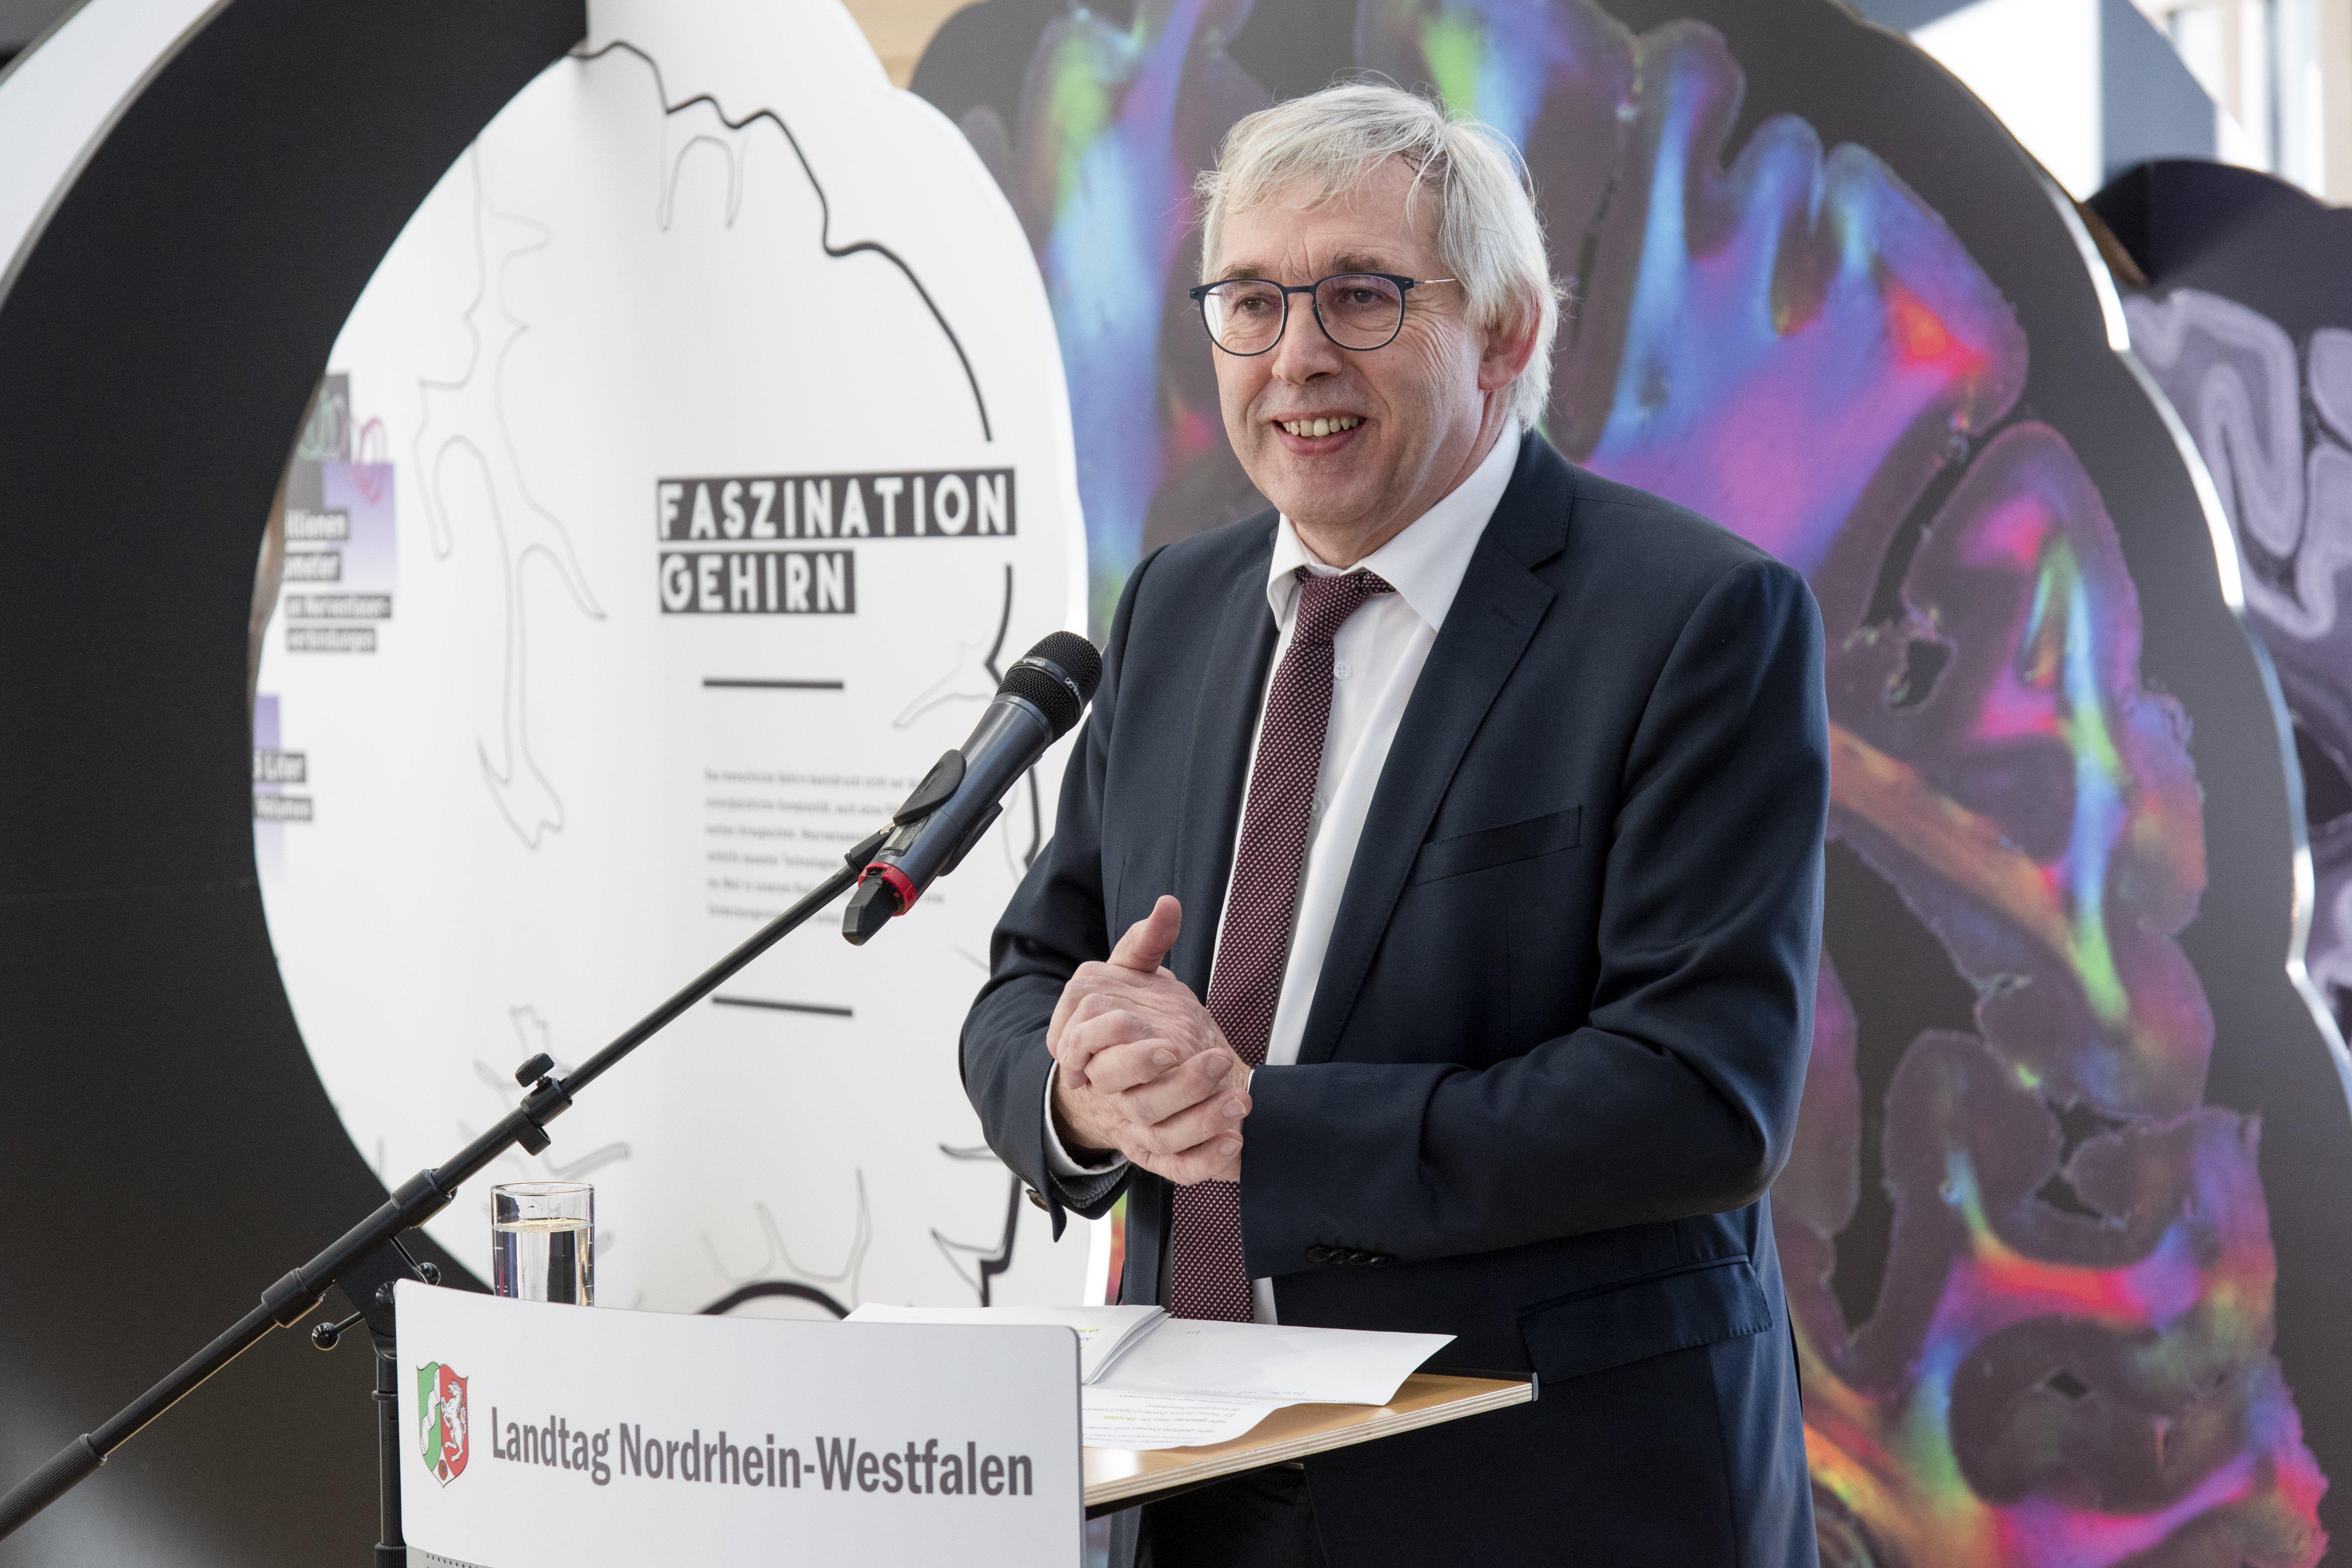 039 Faszination Gehirn_Landtag Ddorf.JPG